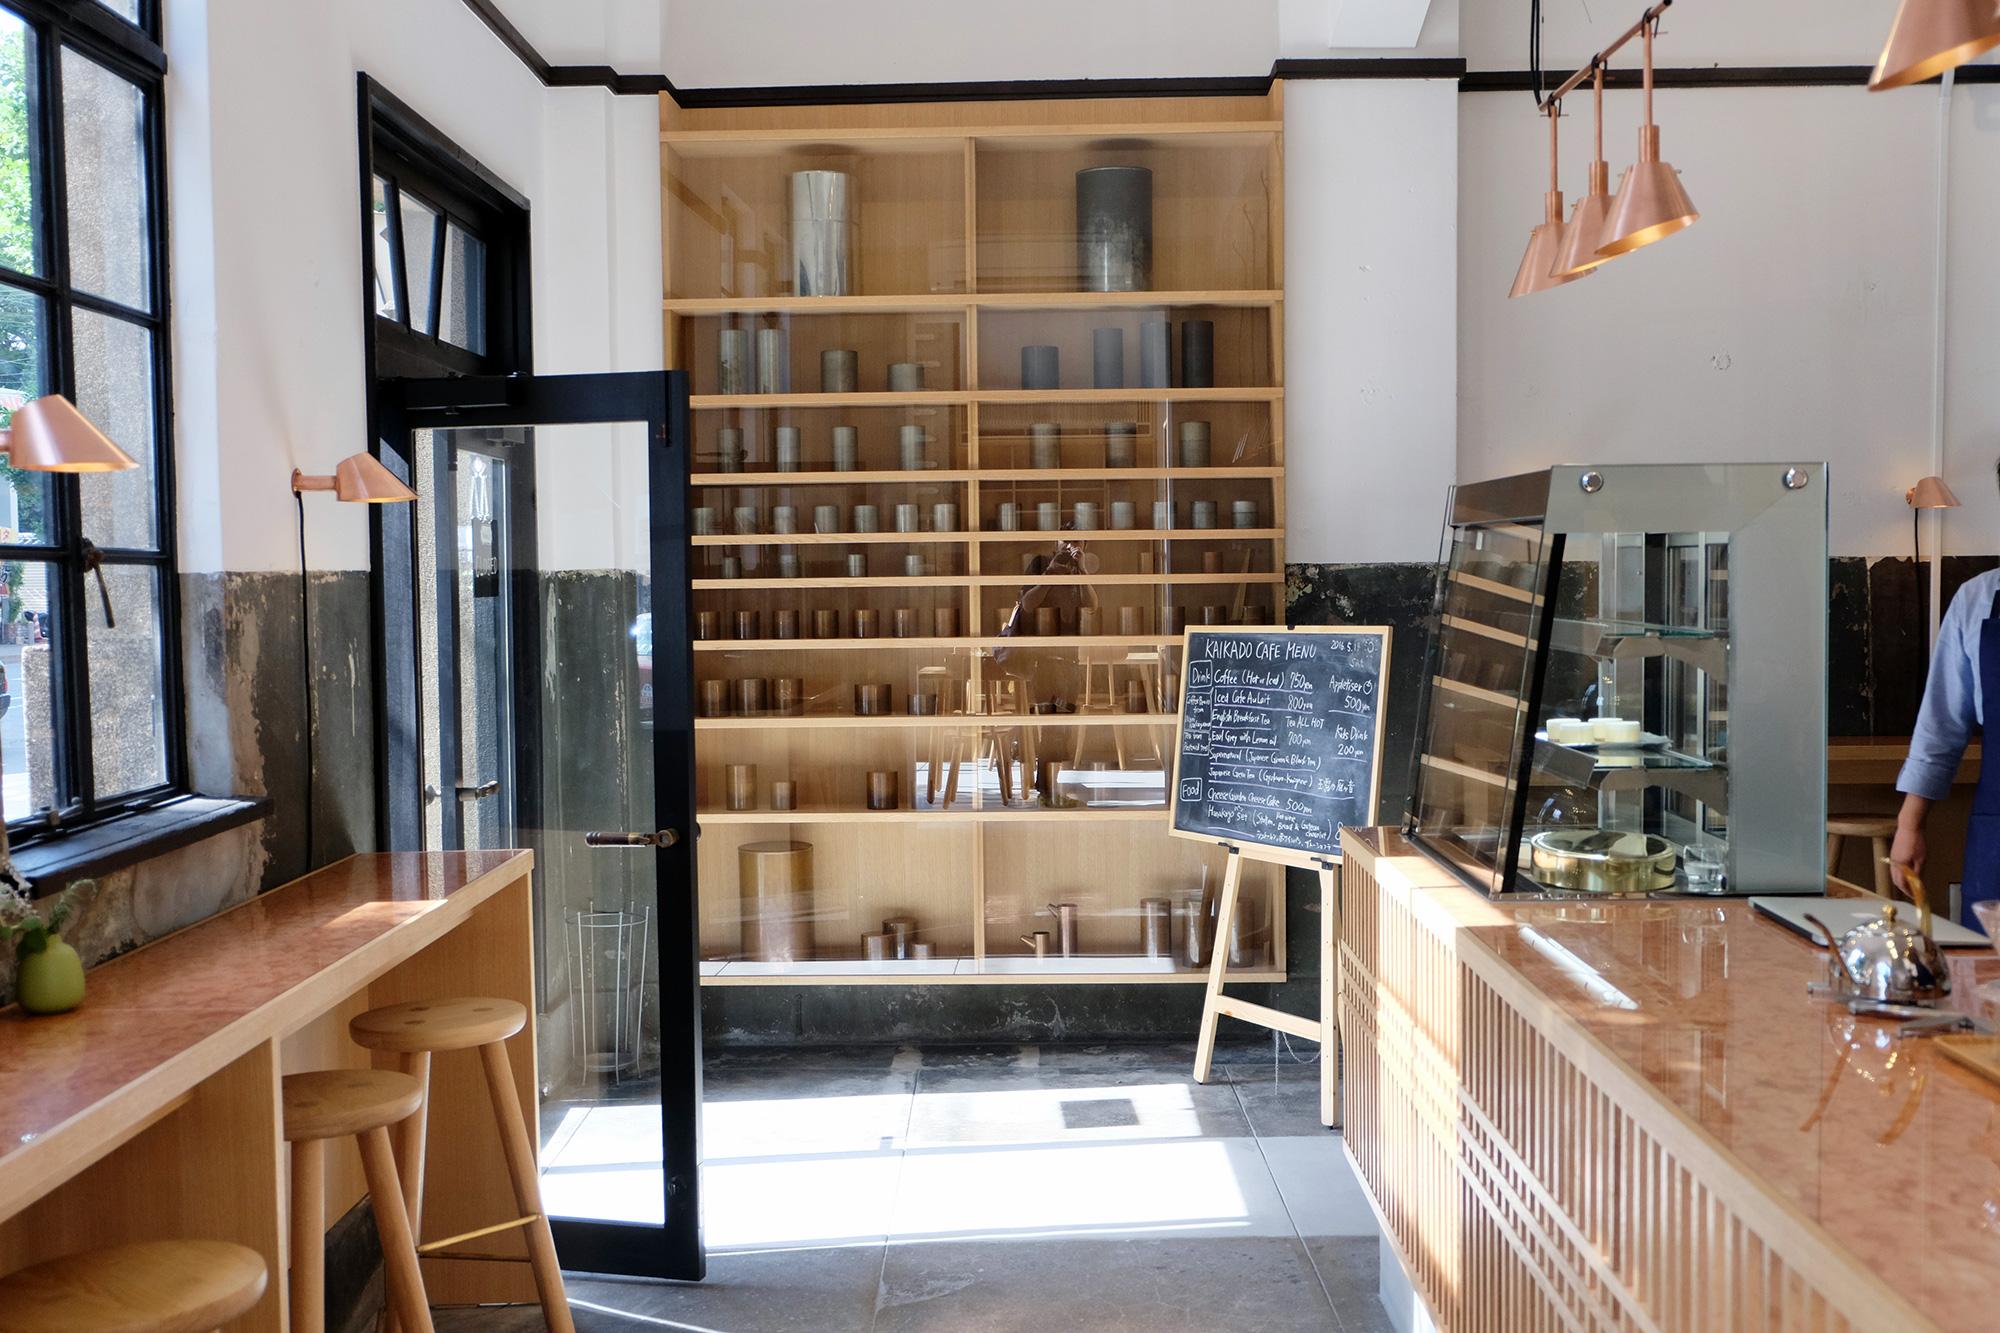 kaikado cafe 開花堂カフェ